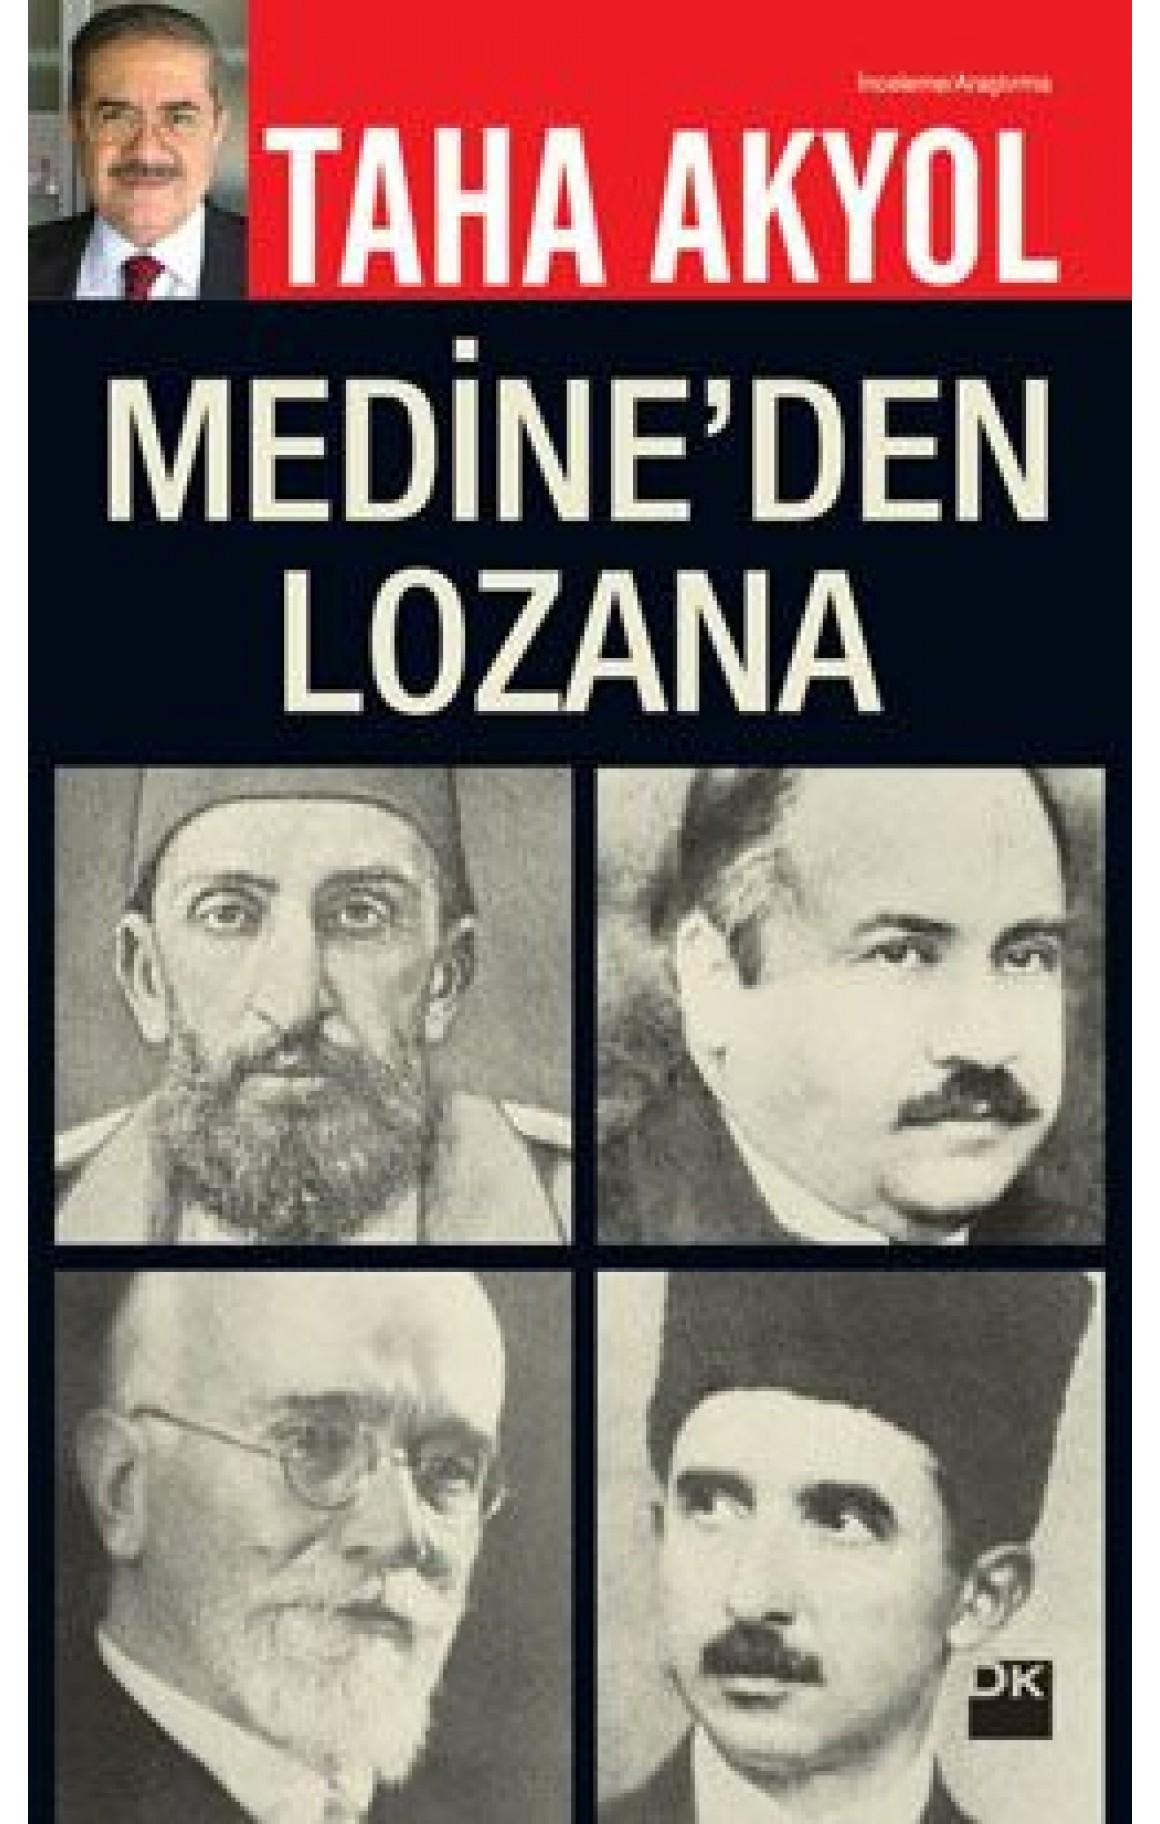 Medineden Lozana